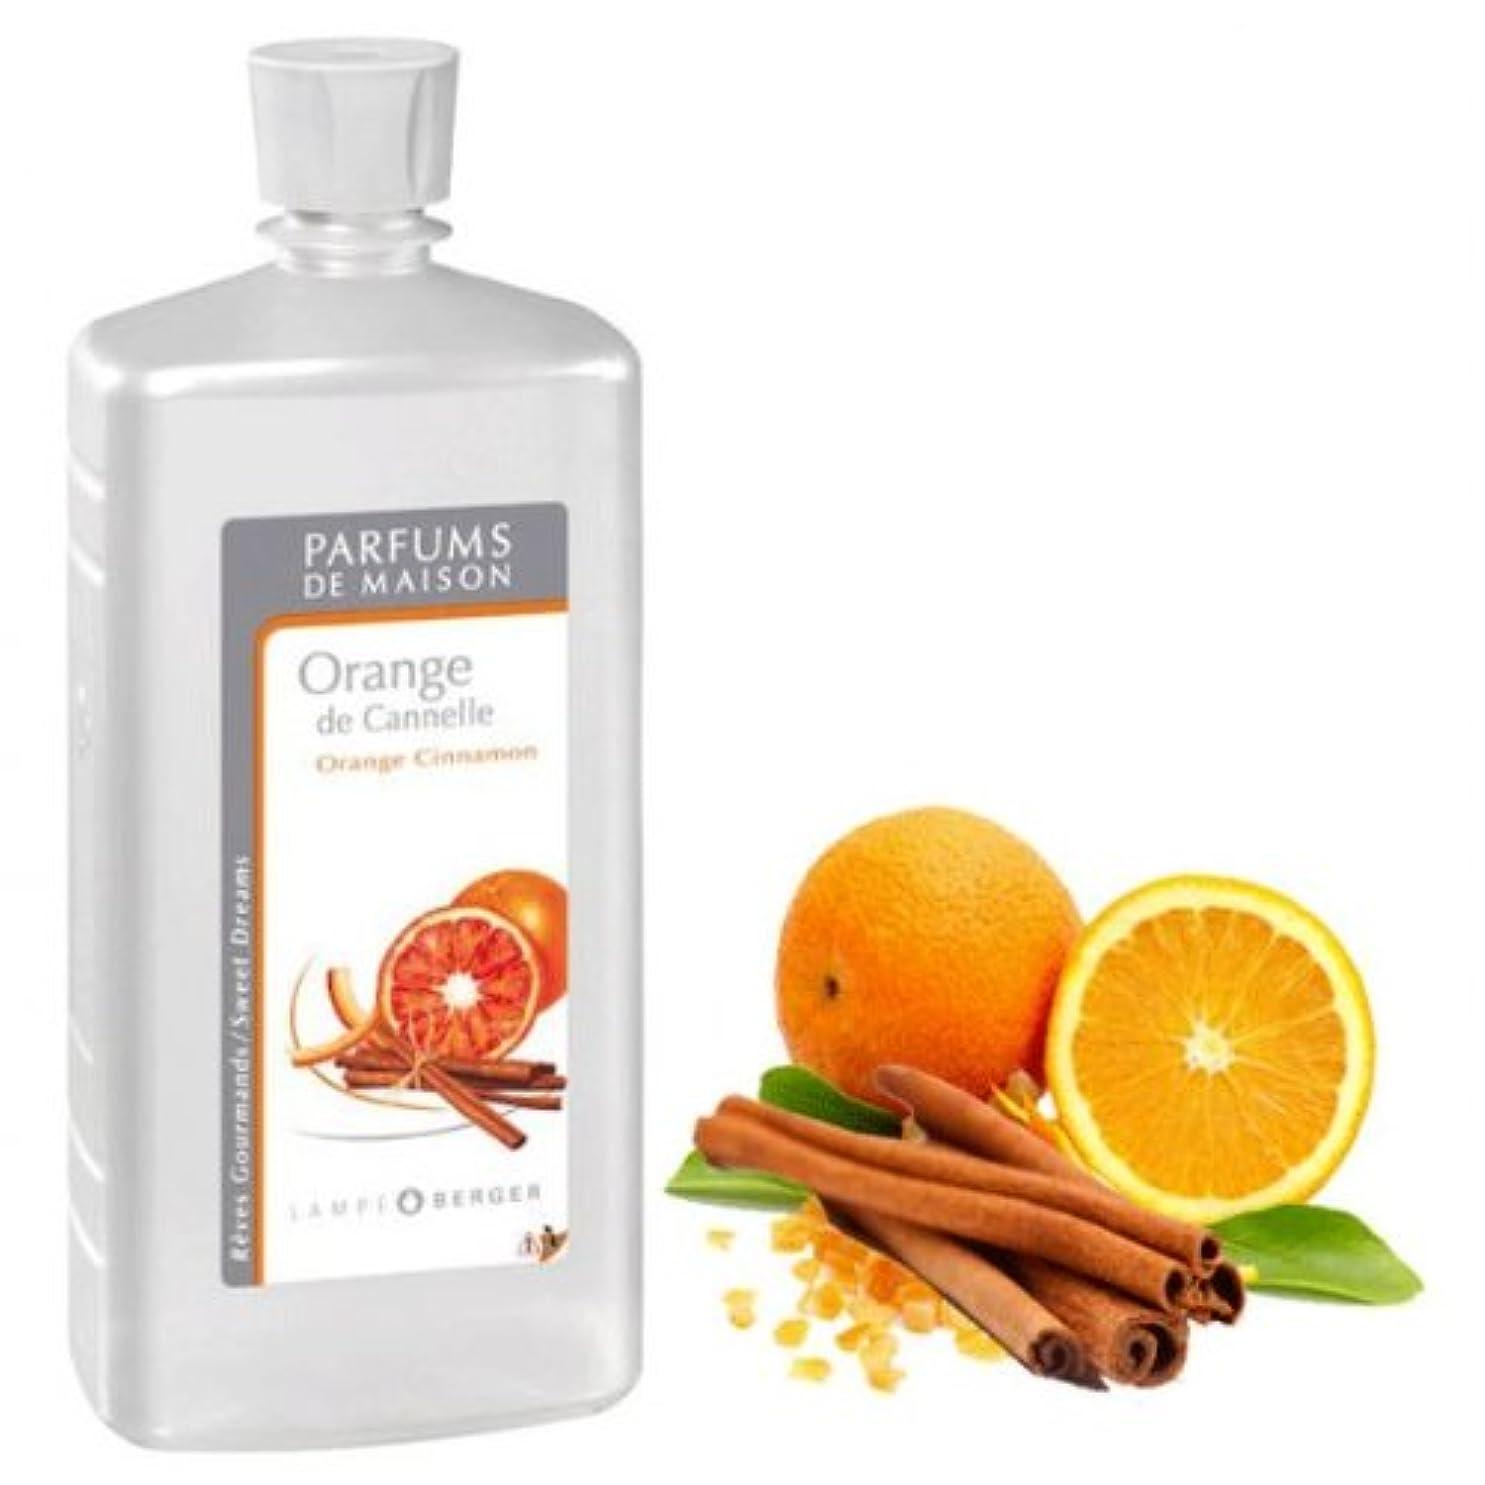 有毒なによってバルコニー【フランス版】ランプベルジェオイル1L オレンジシナモン